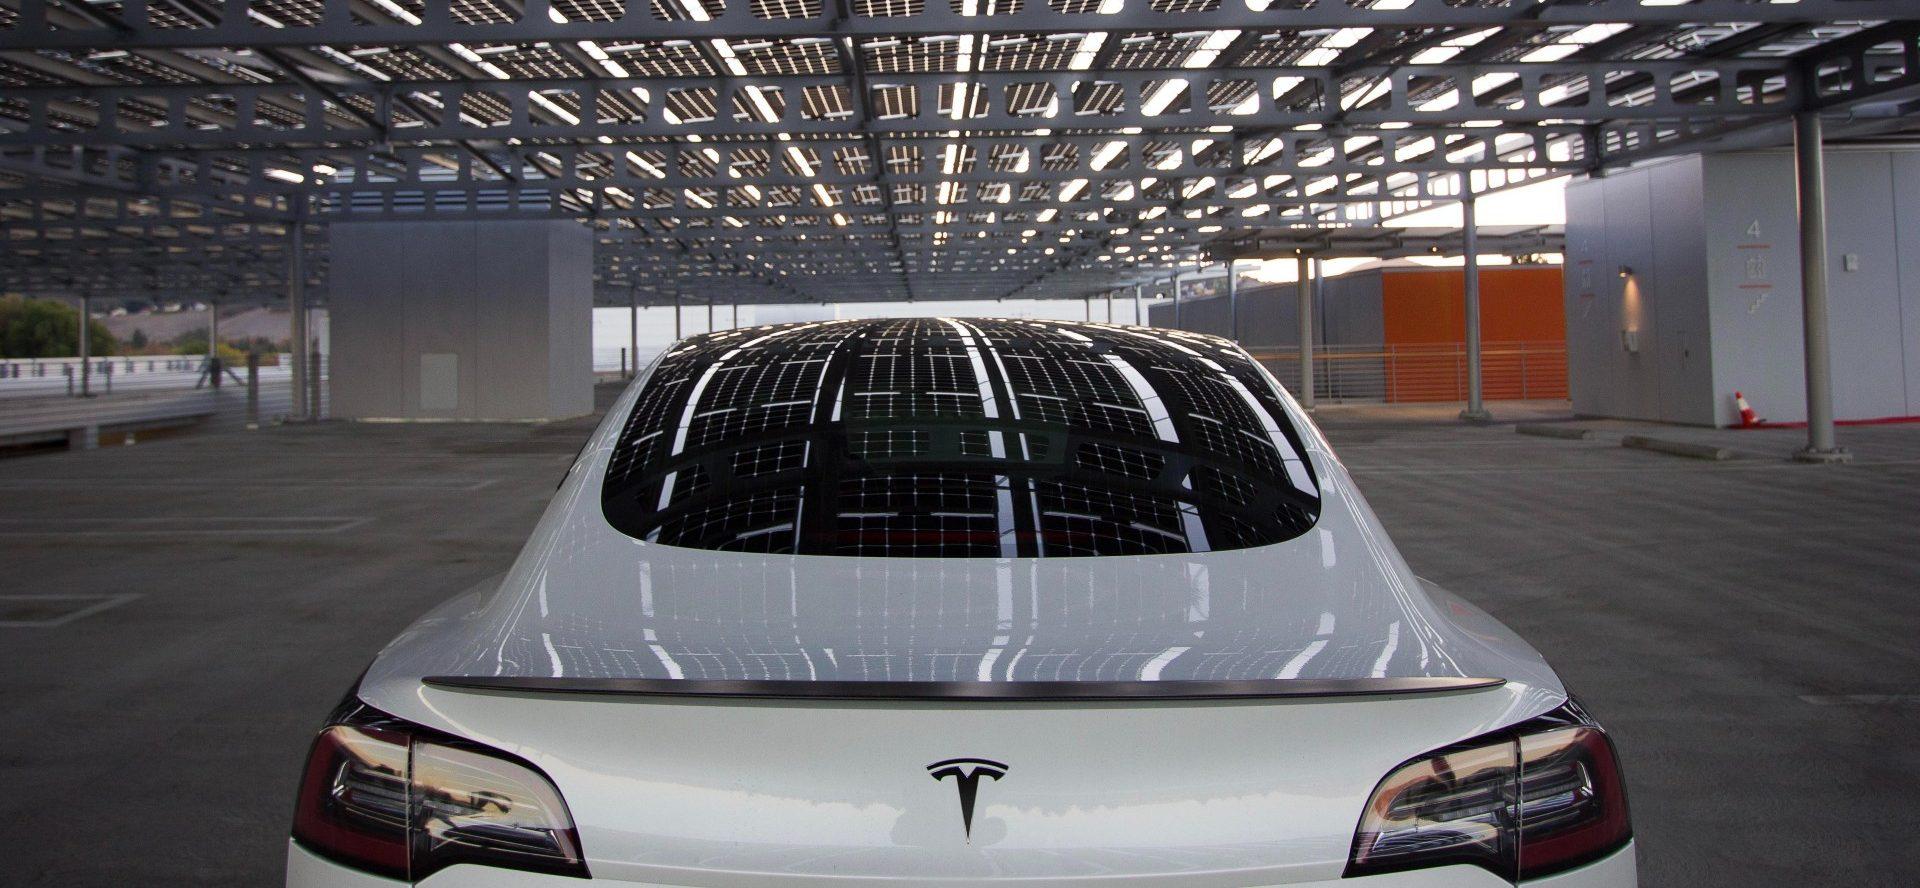 Tesla приземляется в Израиле с лицензией на импорт, продажи начнутся в течение нескольких дней